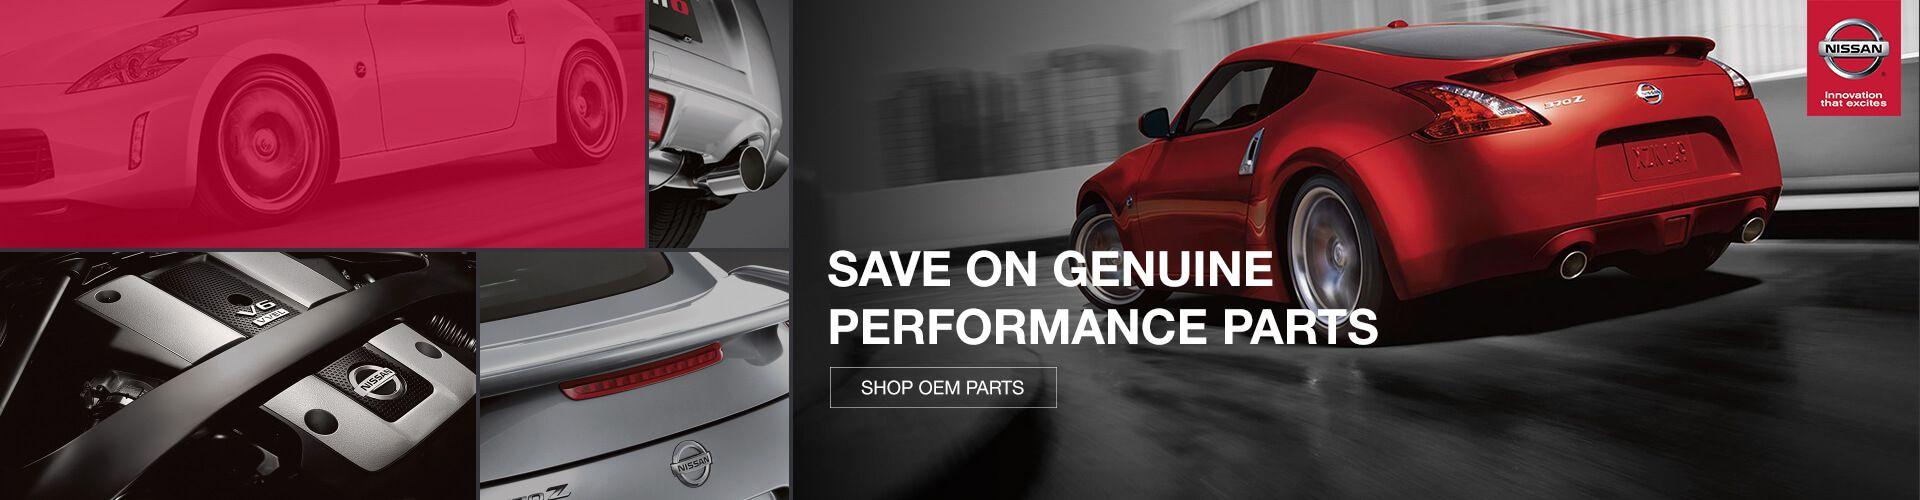 Nissan Oem Parts >> Factory Nissan Parts Oem Nissan Parts